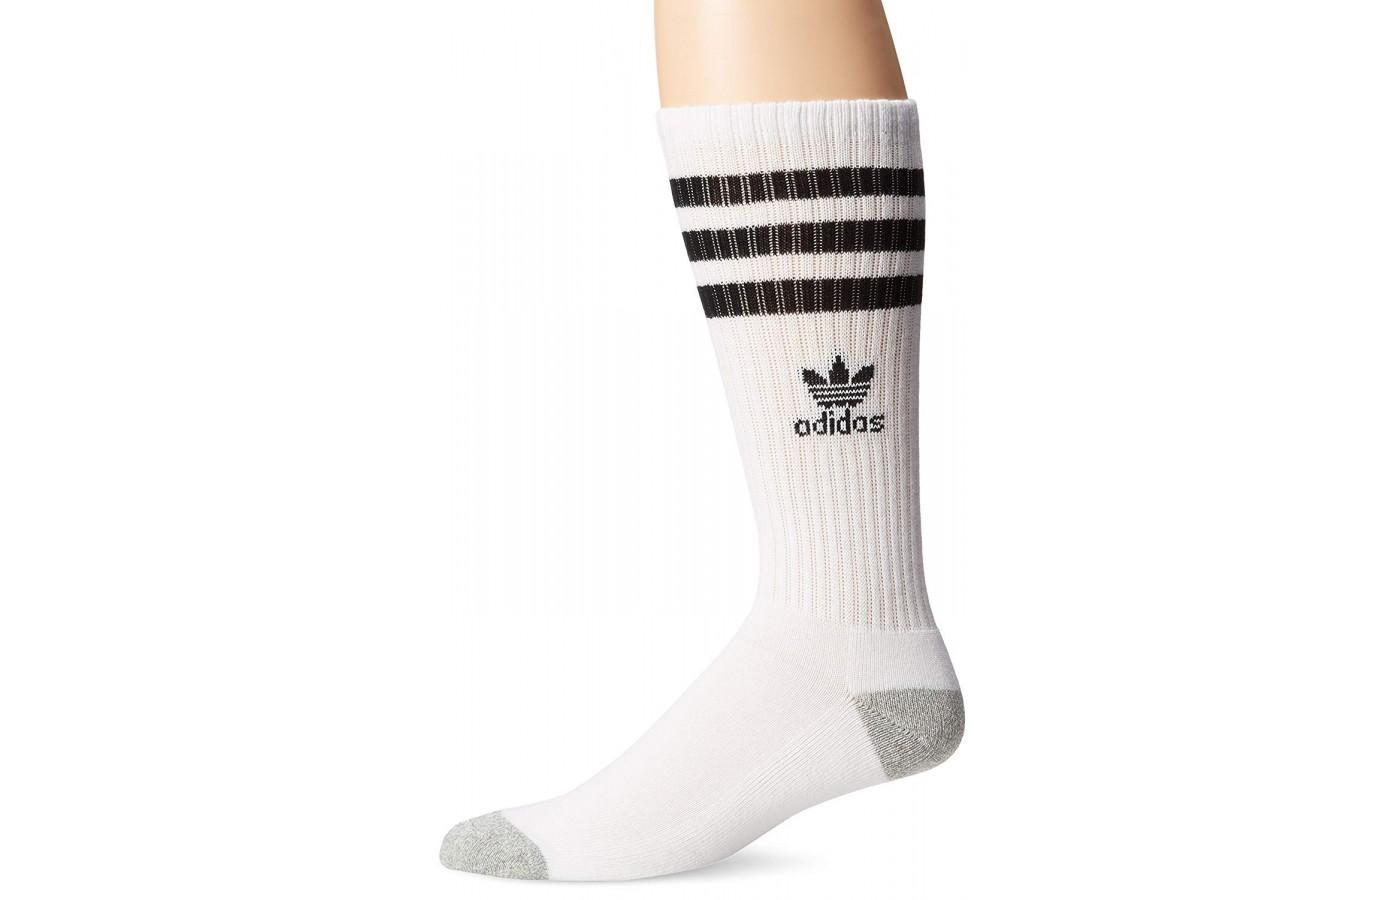 AdidasCrewSideView